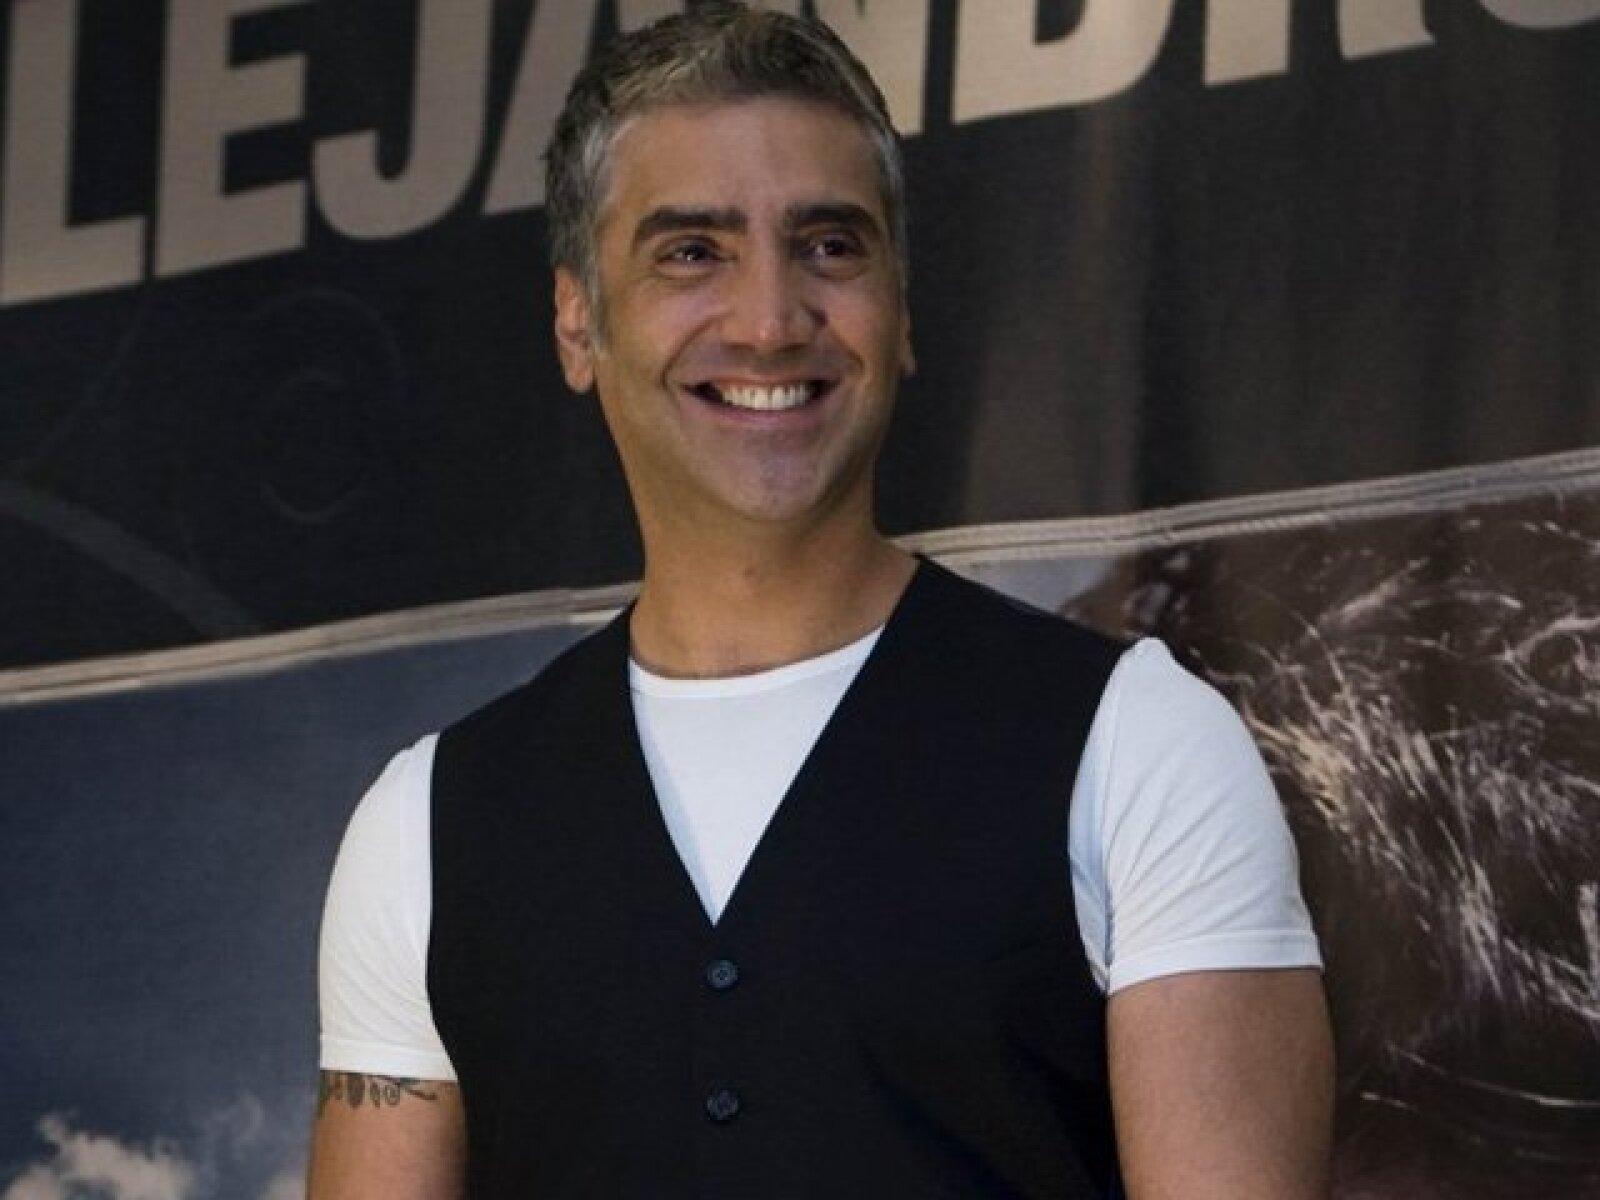 Alejandro Fernández. El cantante antes de incursionar en el mundo artístico, estudiaba arquitectura en la Universidad del Valle de Atemajac, campus Guadalajara.